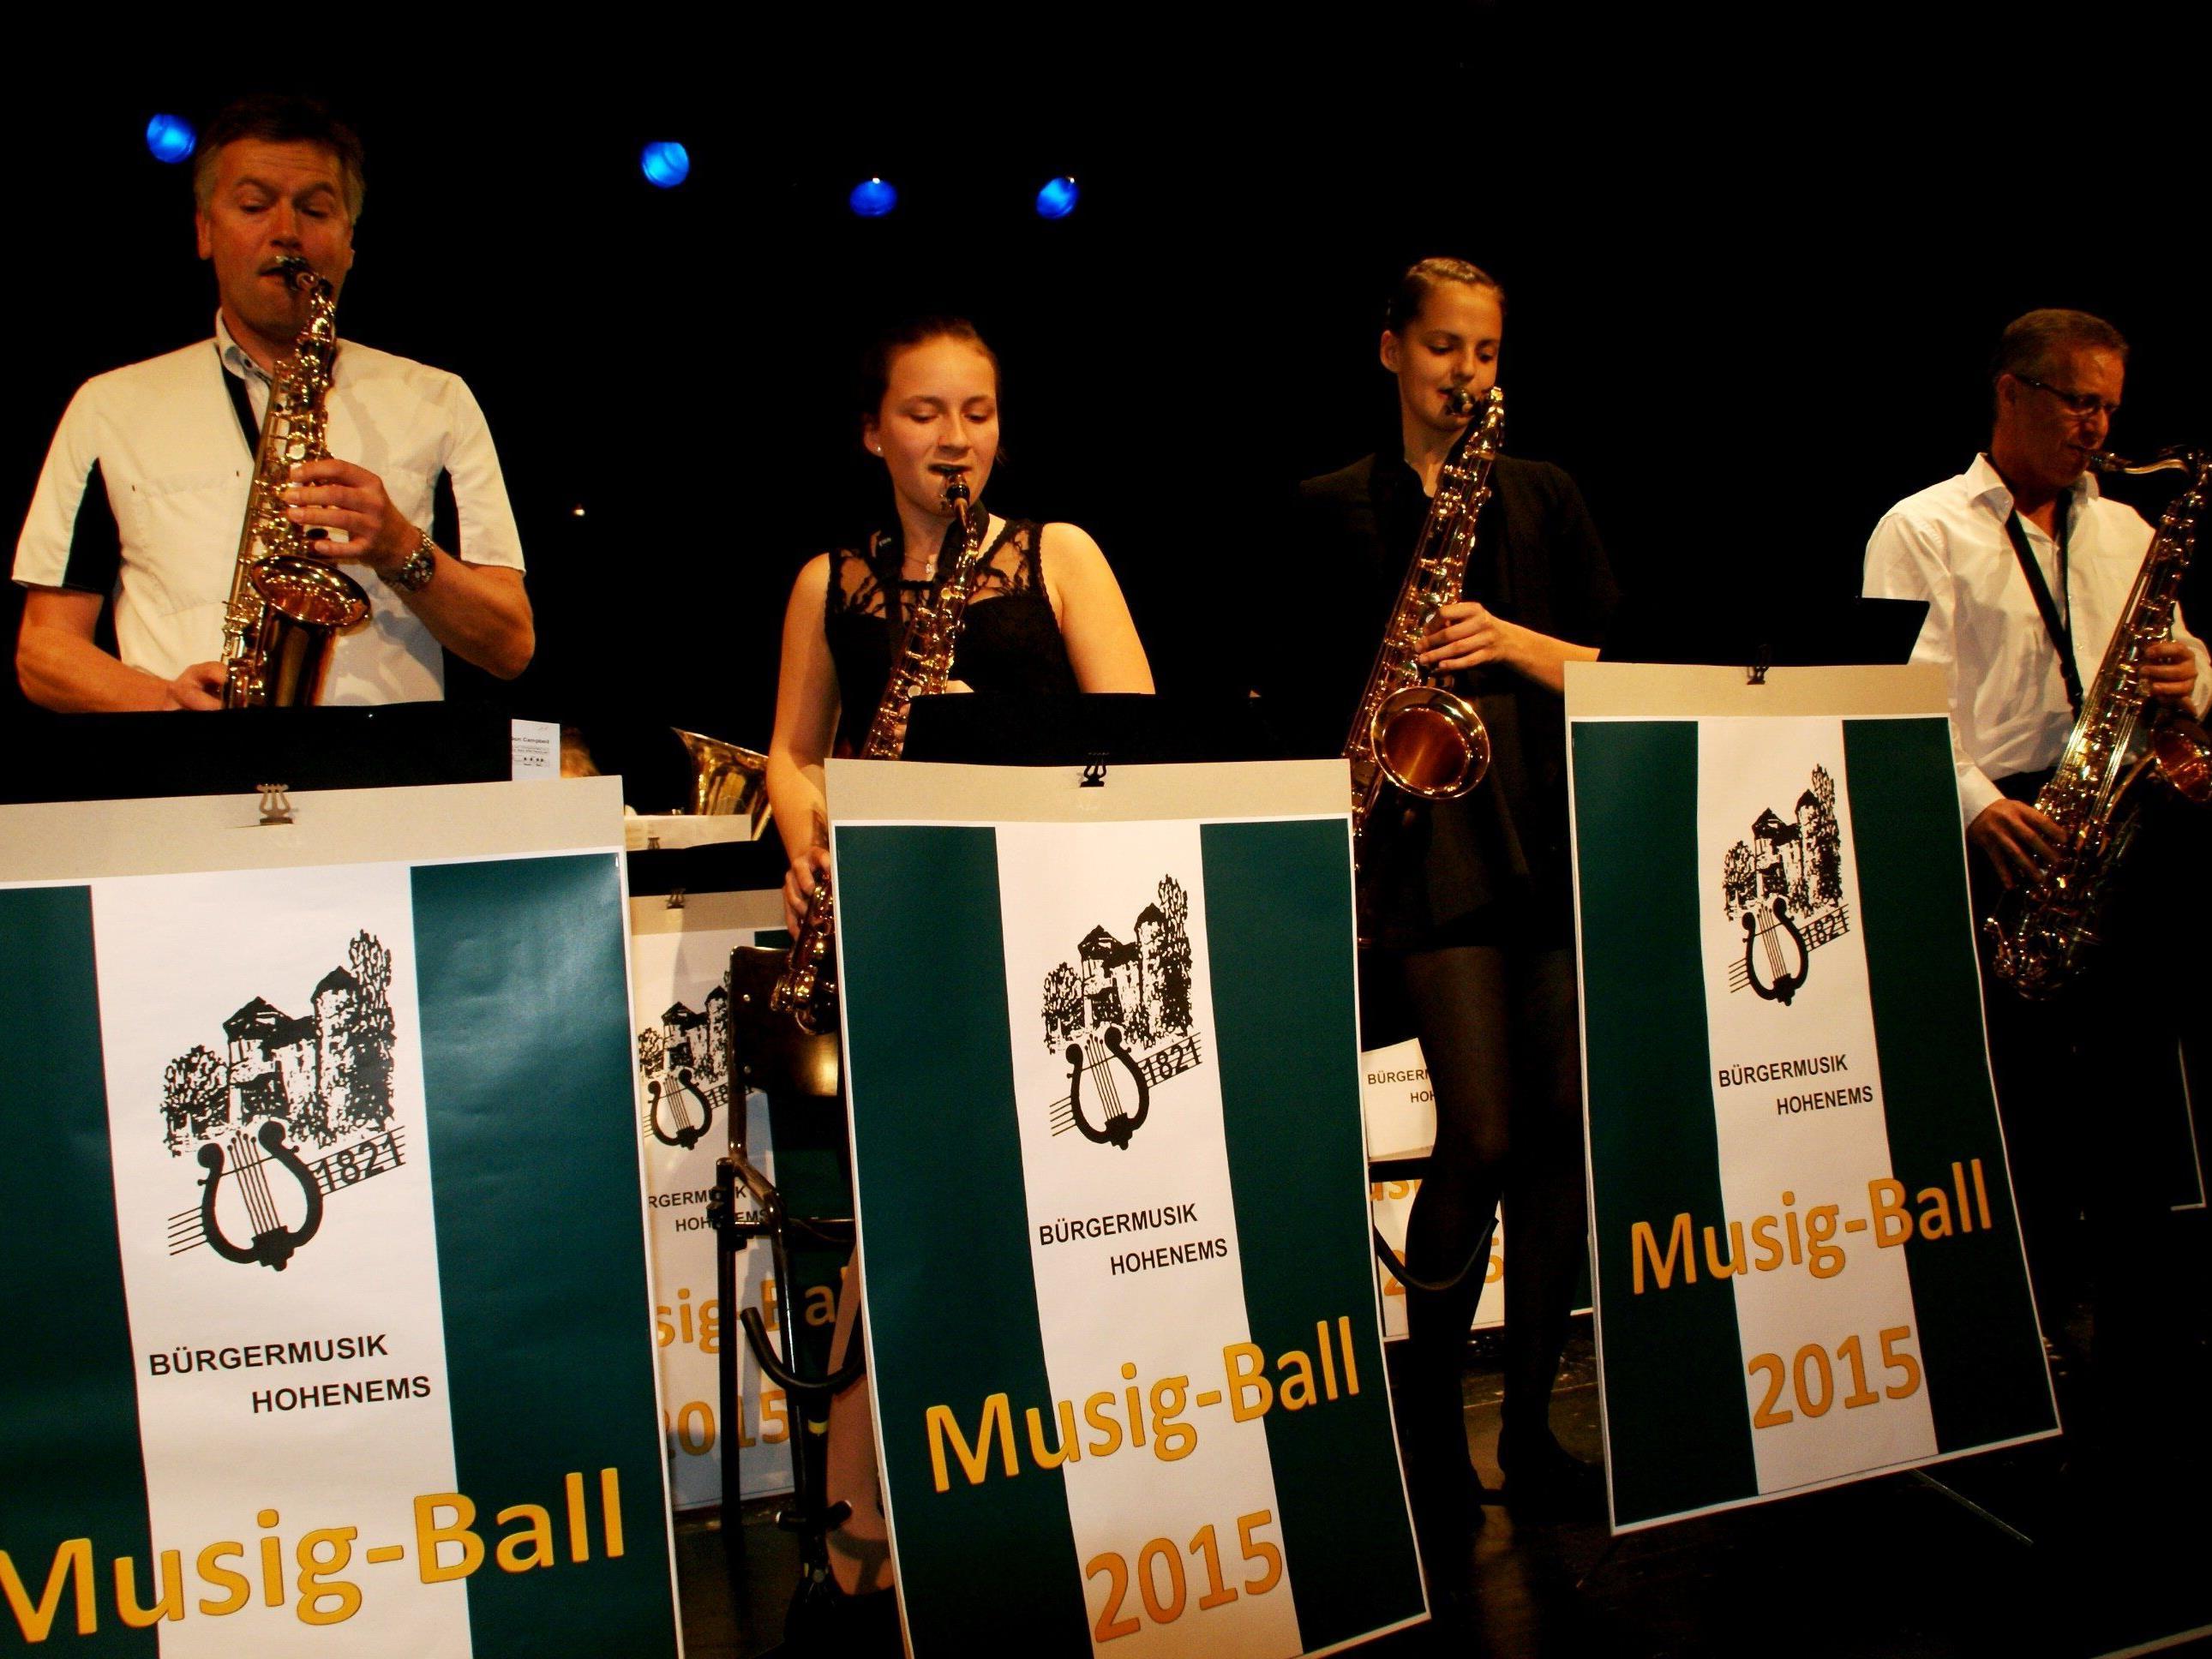 Ein fulminantes Musikprogramm begeisterte die Ballgäste